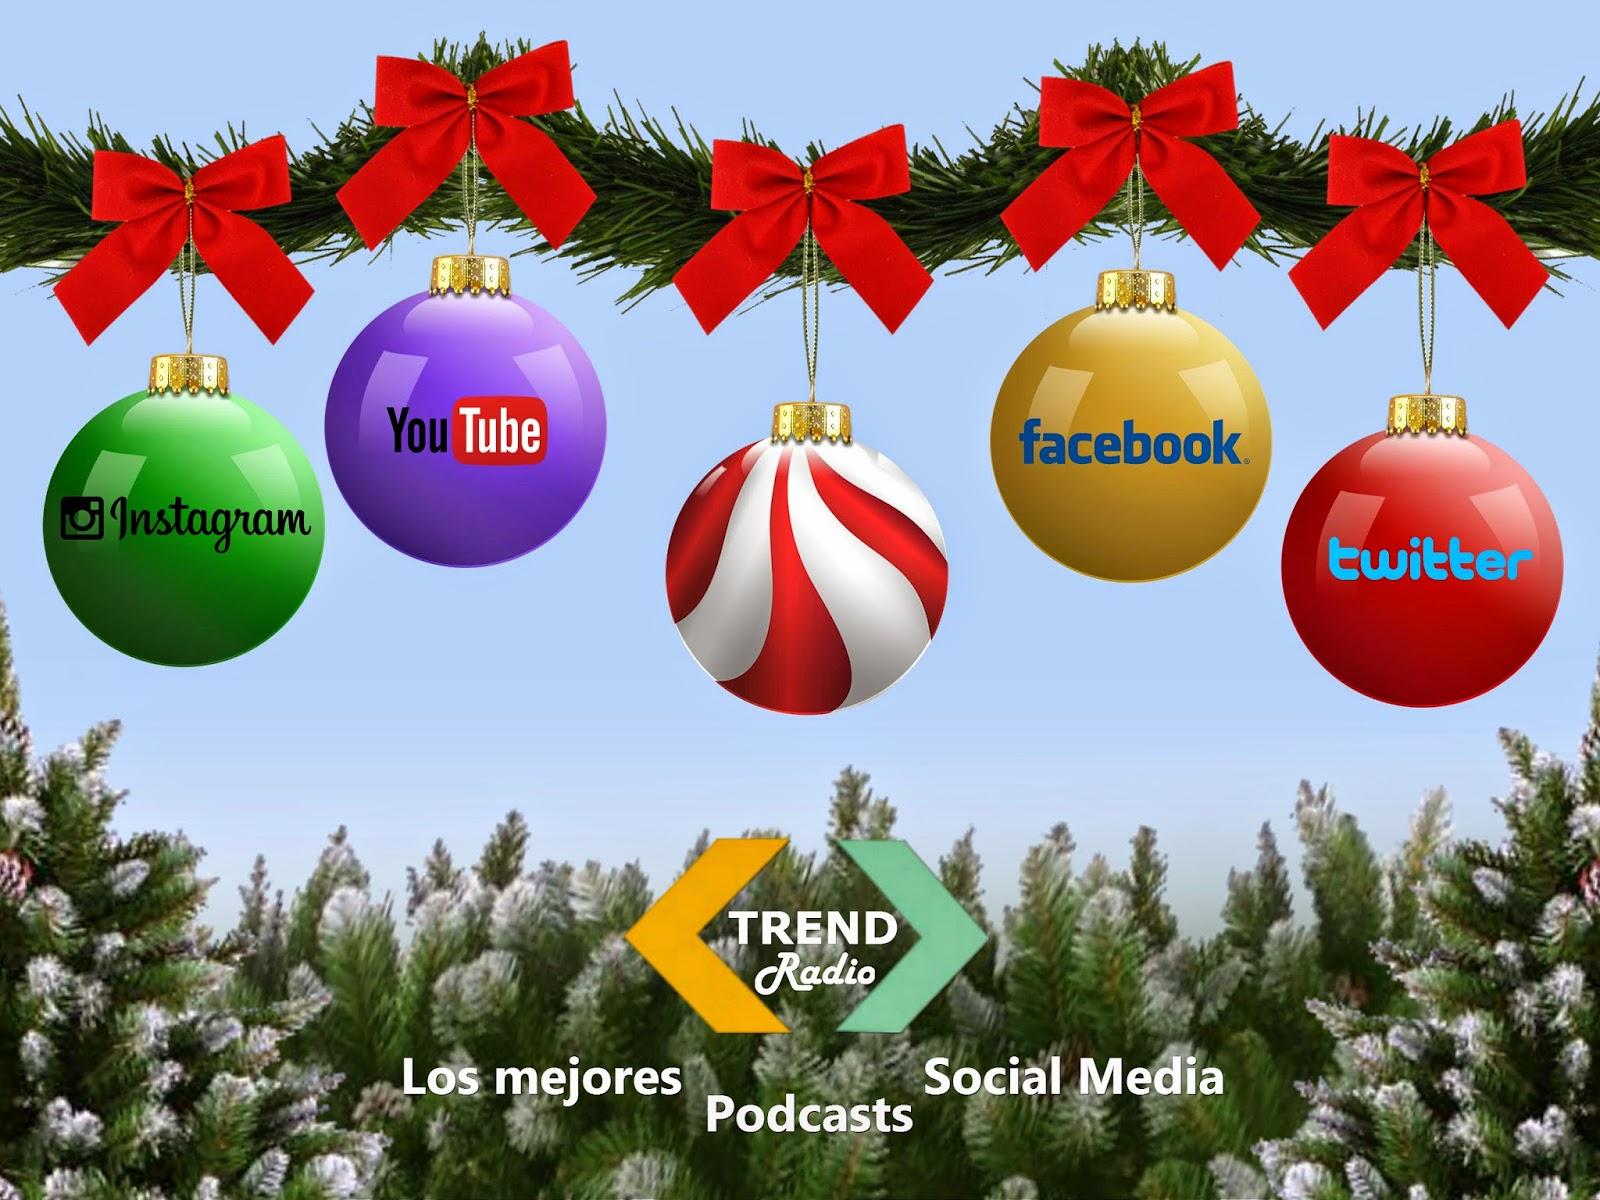 Navidad 2014 en Trend Radio... los mejores podcasts Social Media